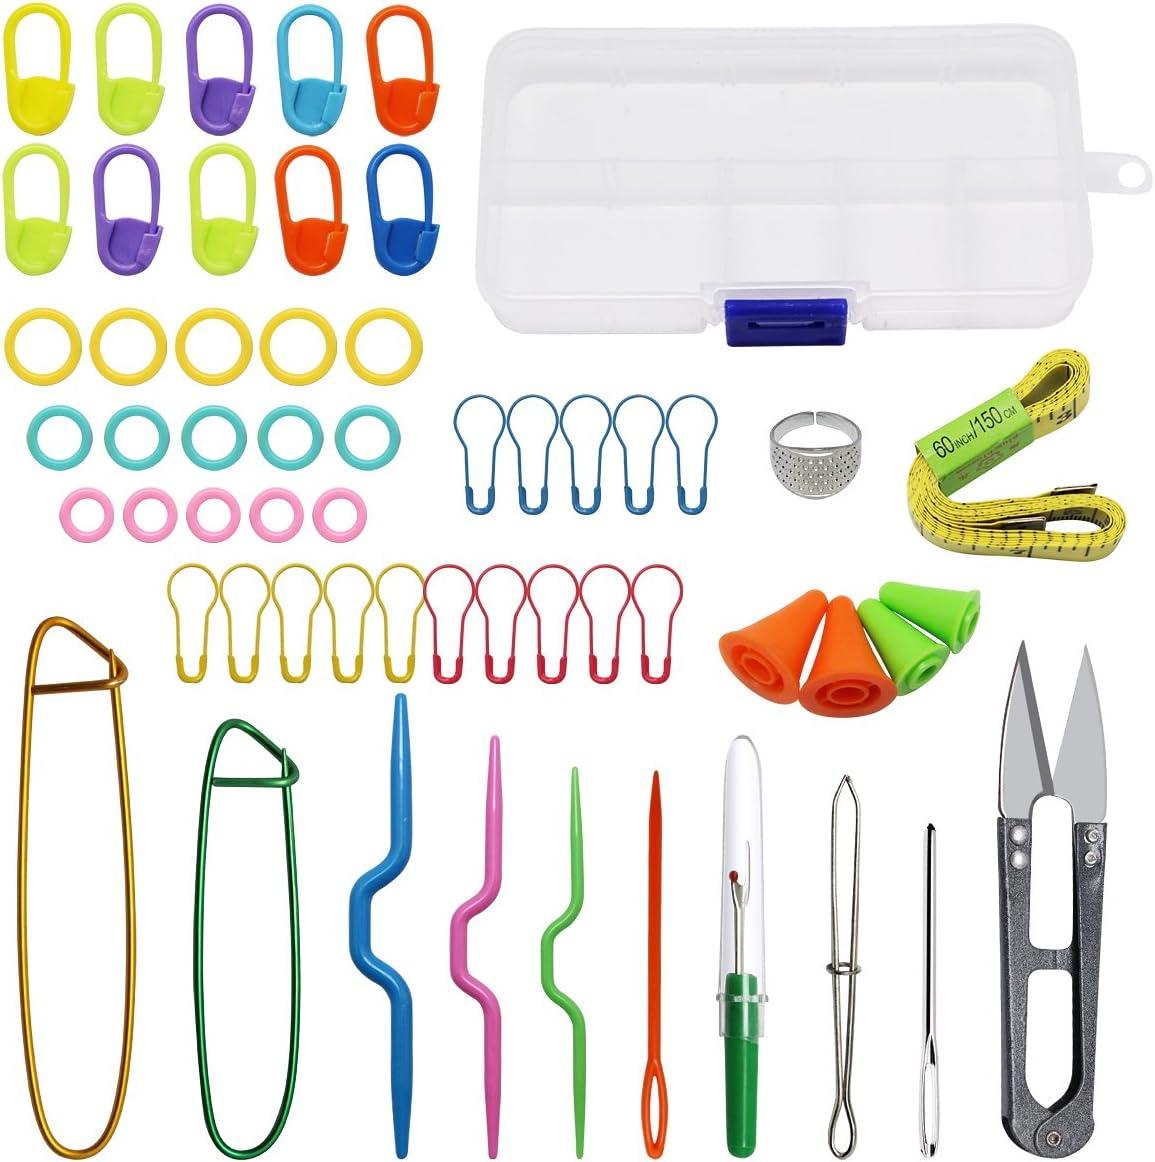 Kit Hysagtek de herramientas y accesorios básicos para costura principiante